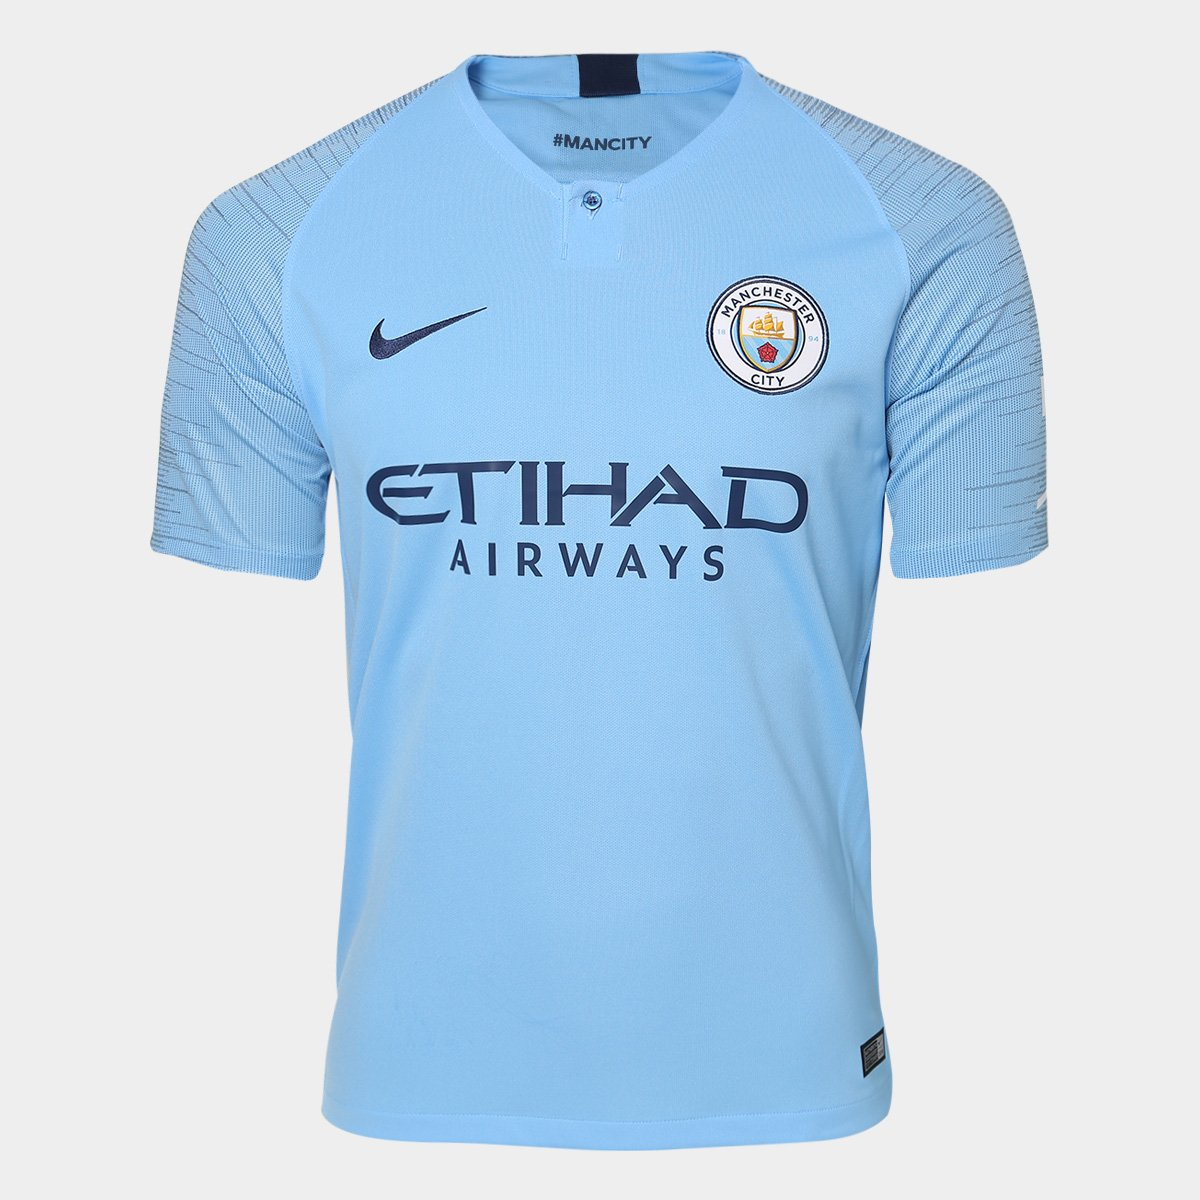 932e9b2b96 Camisa Manchester City Home 2018 s n° - Torcedor Nike Masculina ...